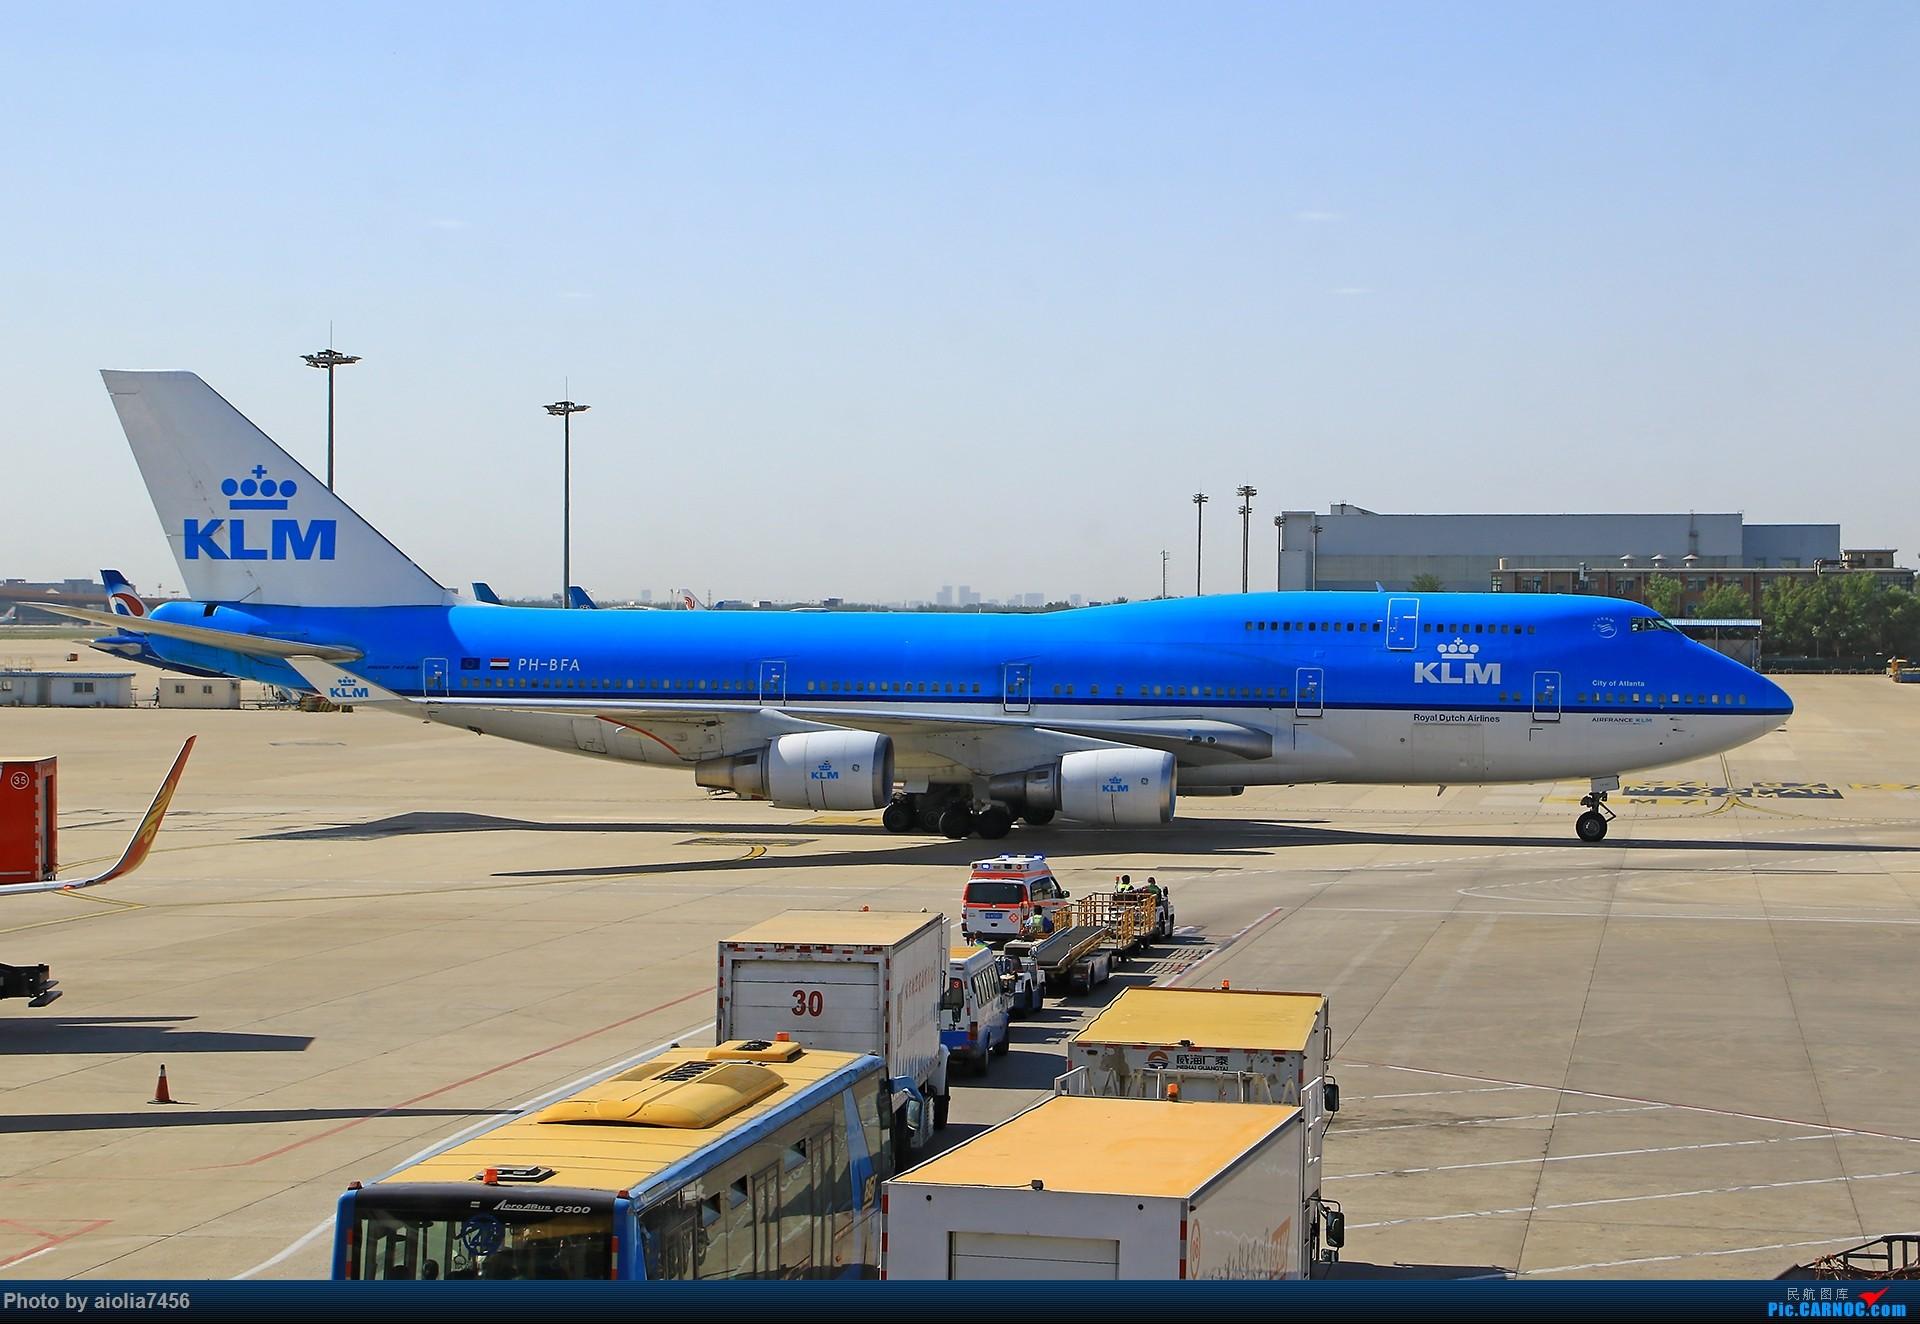 [原创]【合肥飞友会】西行归来第二弹--西行拍机 BOEING 747-400 PH-BFA 中国北京首都国际机场